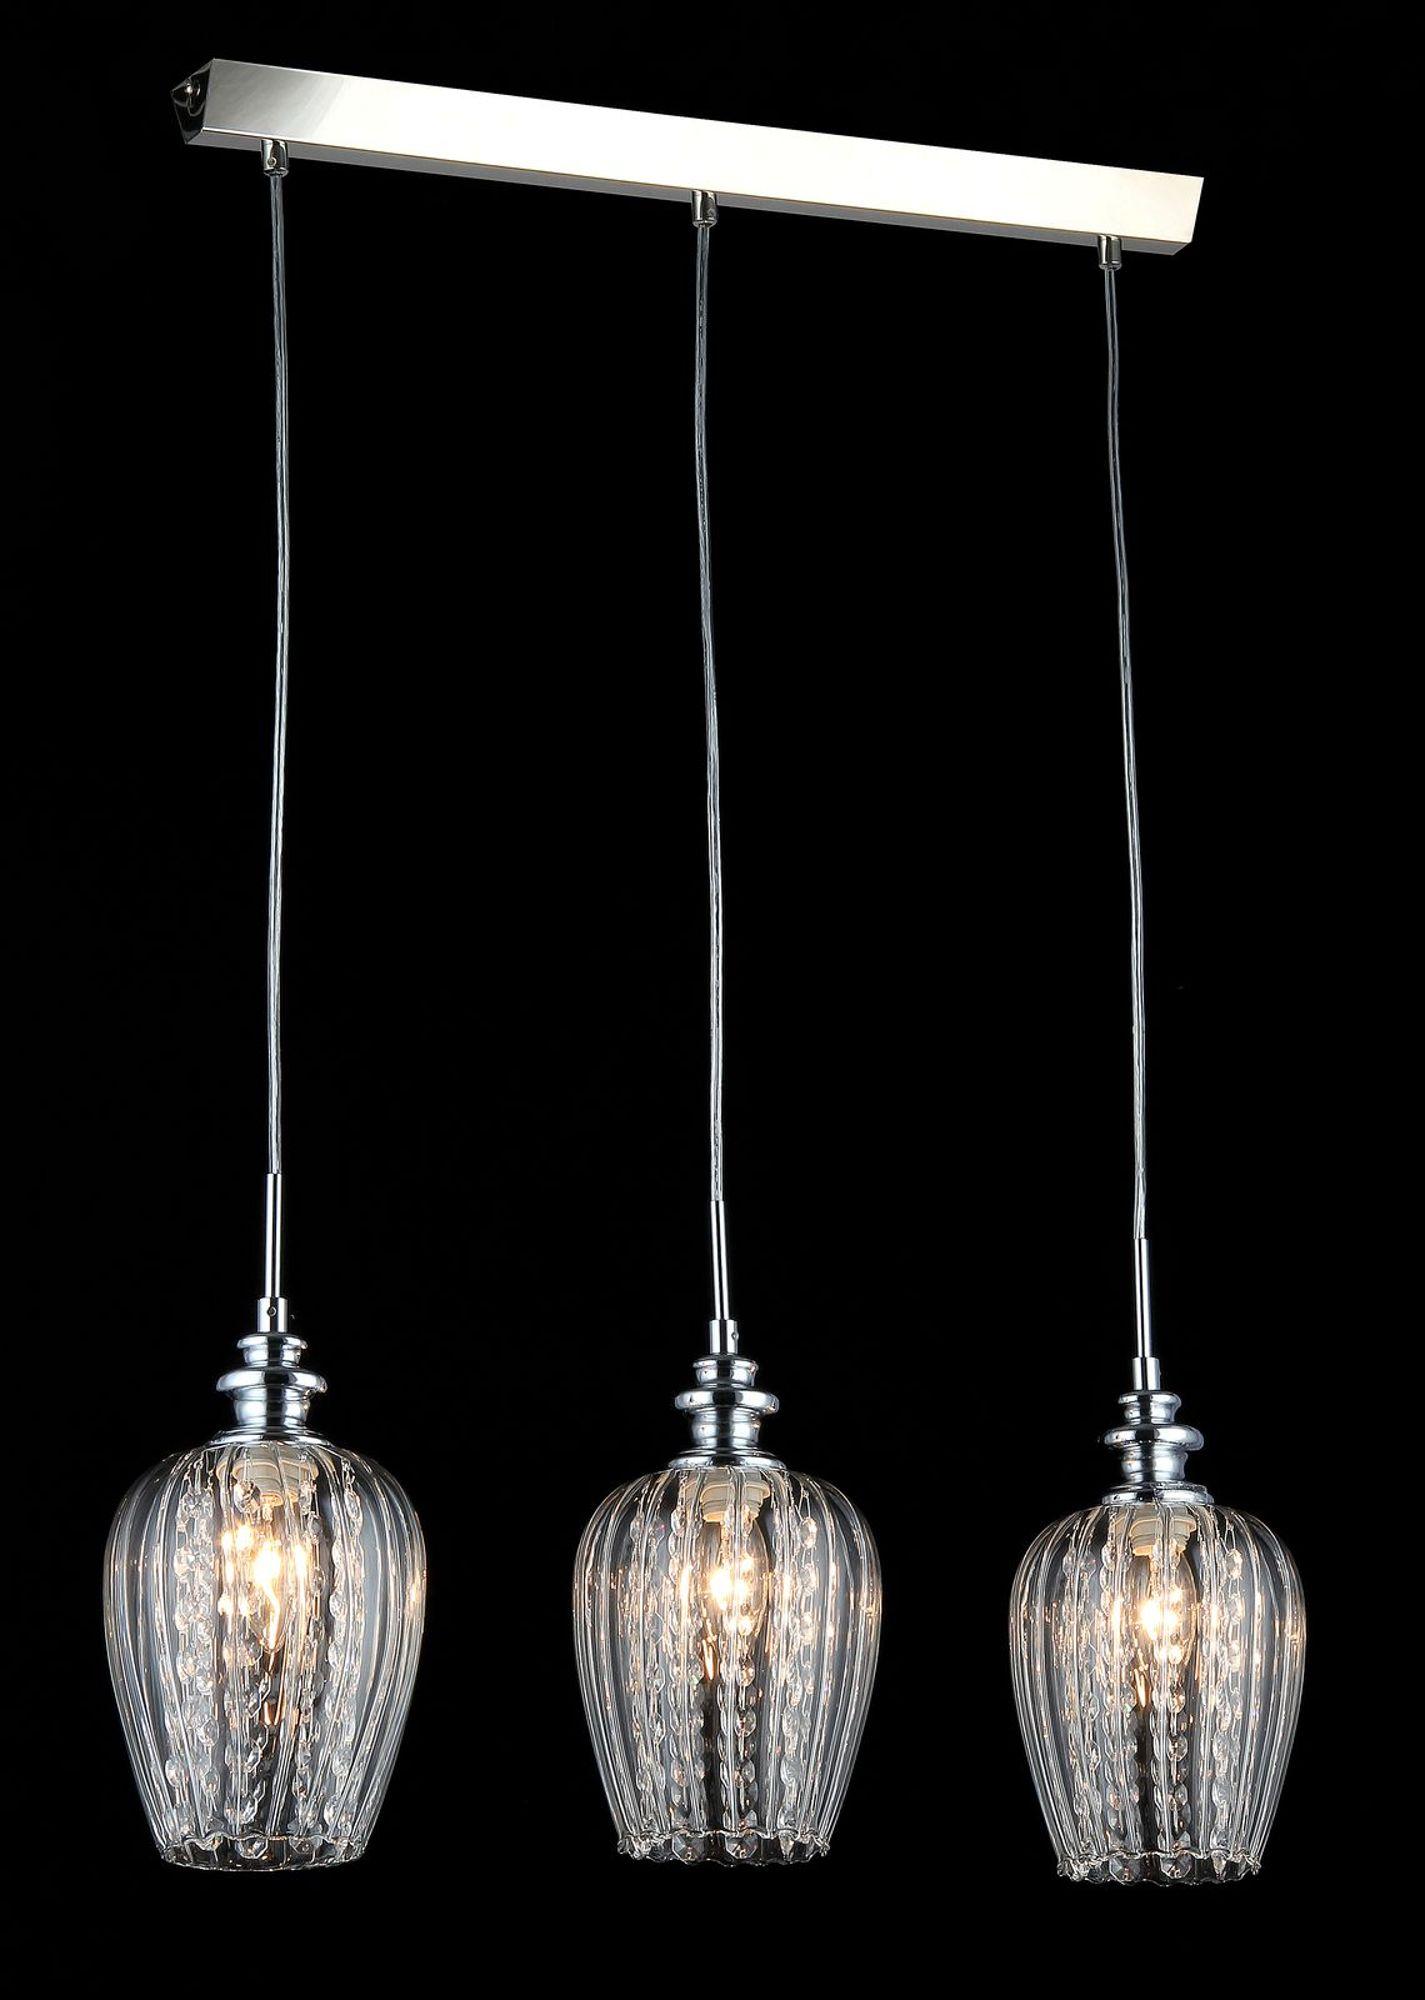 Lampy wiszące trzy szklane klosze do jadalni, kuchni Blues Maytoni Modern